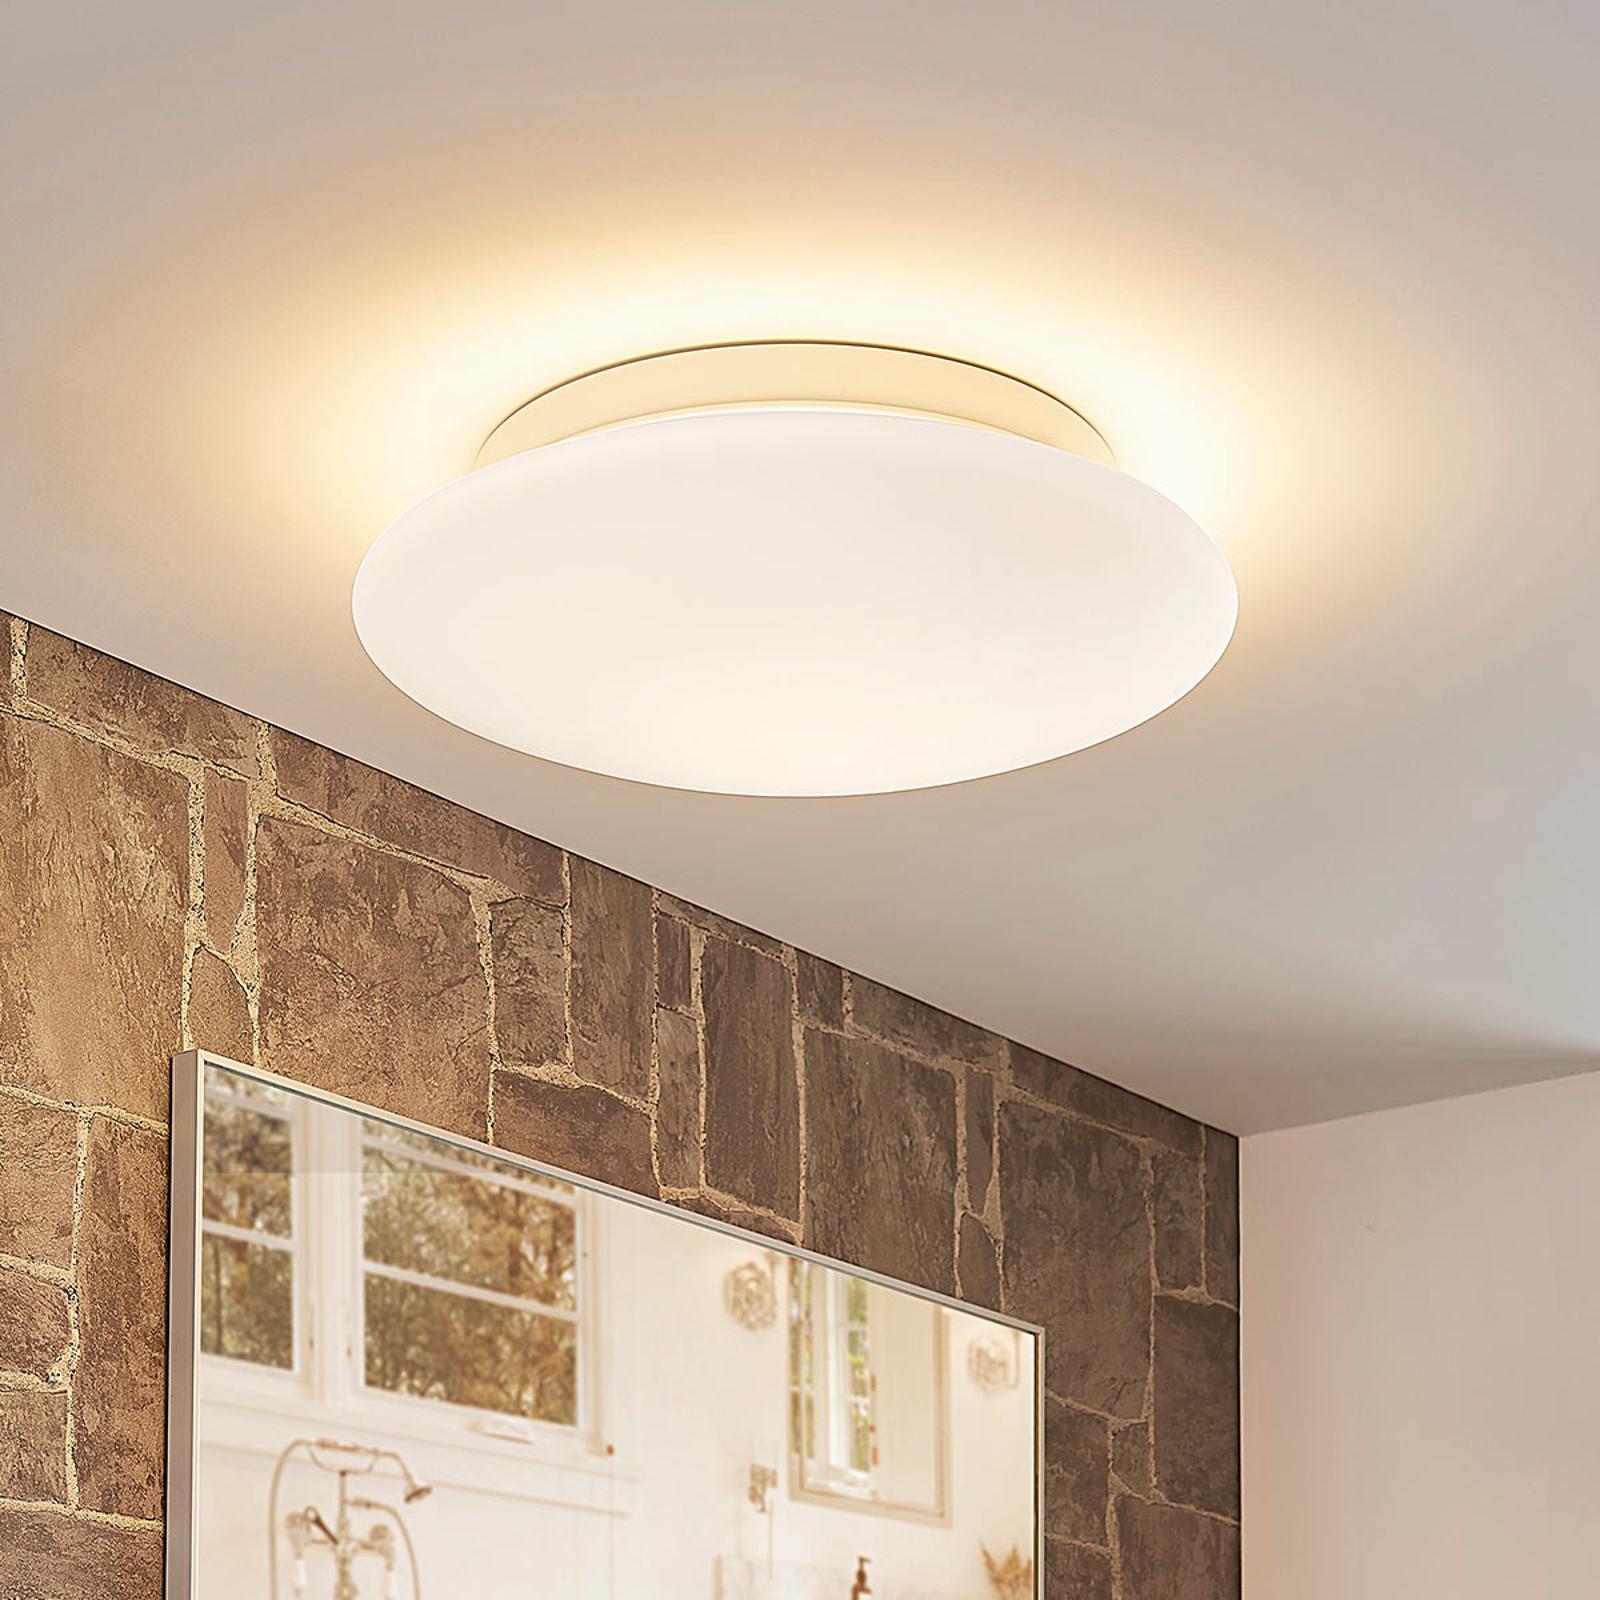 Toan - hvit, dimbar LED-taklampe i glass, IP44